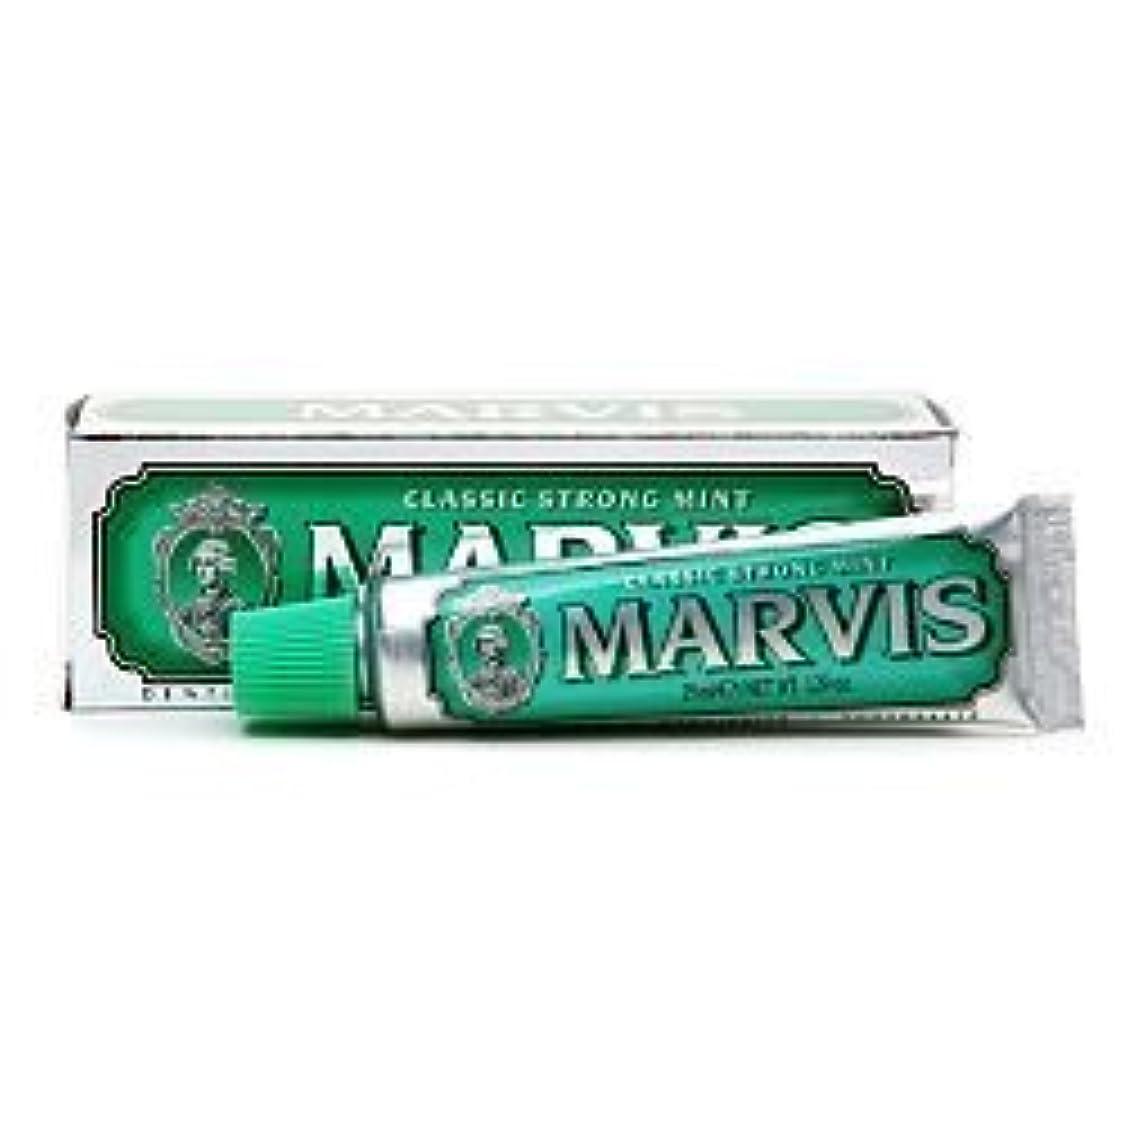 放射能韻誇張Marvis Travel Sized Toothpaste, Classic Strong Mint 1.29 oz (25 ml) (Qunatity of 4) by Marvis [並行輸入品]